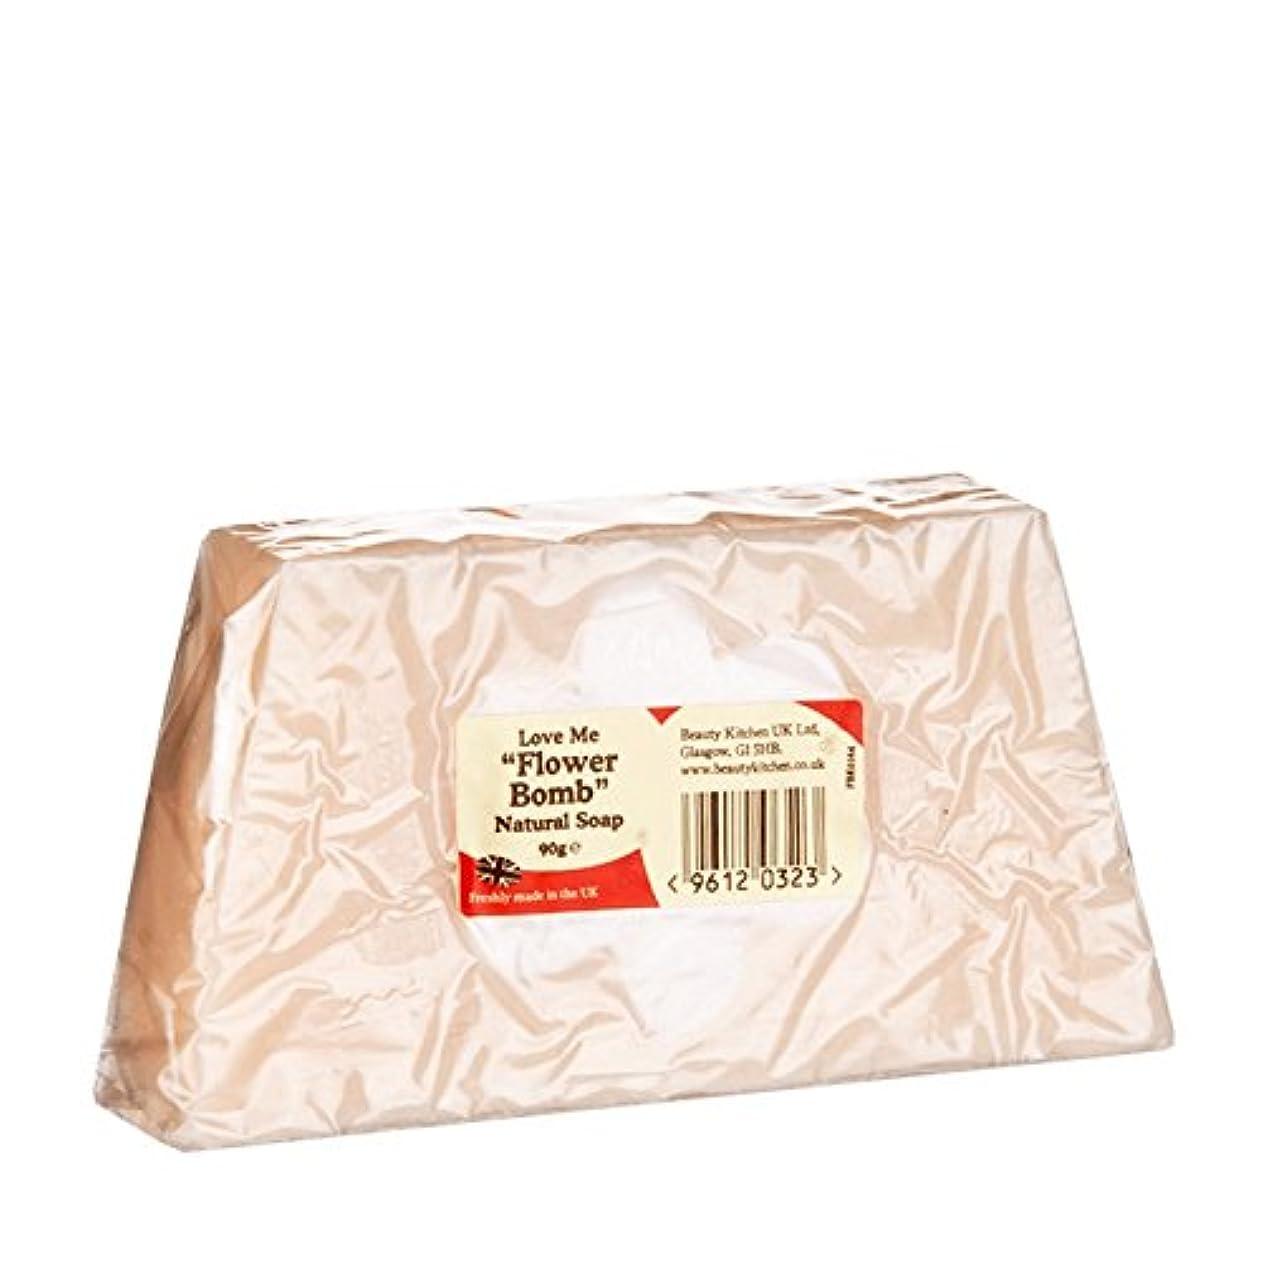 ボンドサージビームBeauty Kitchen Love Me Flower Bomb Natural Soap 90g (Pack of 2) - 美しさのキッチンは私に花爆弾の天然石鹸90グラムを愛し (x2) [並行輸入品]